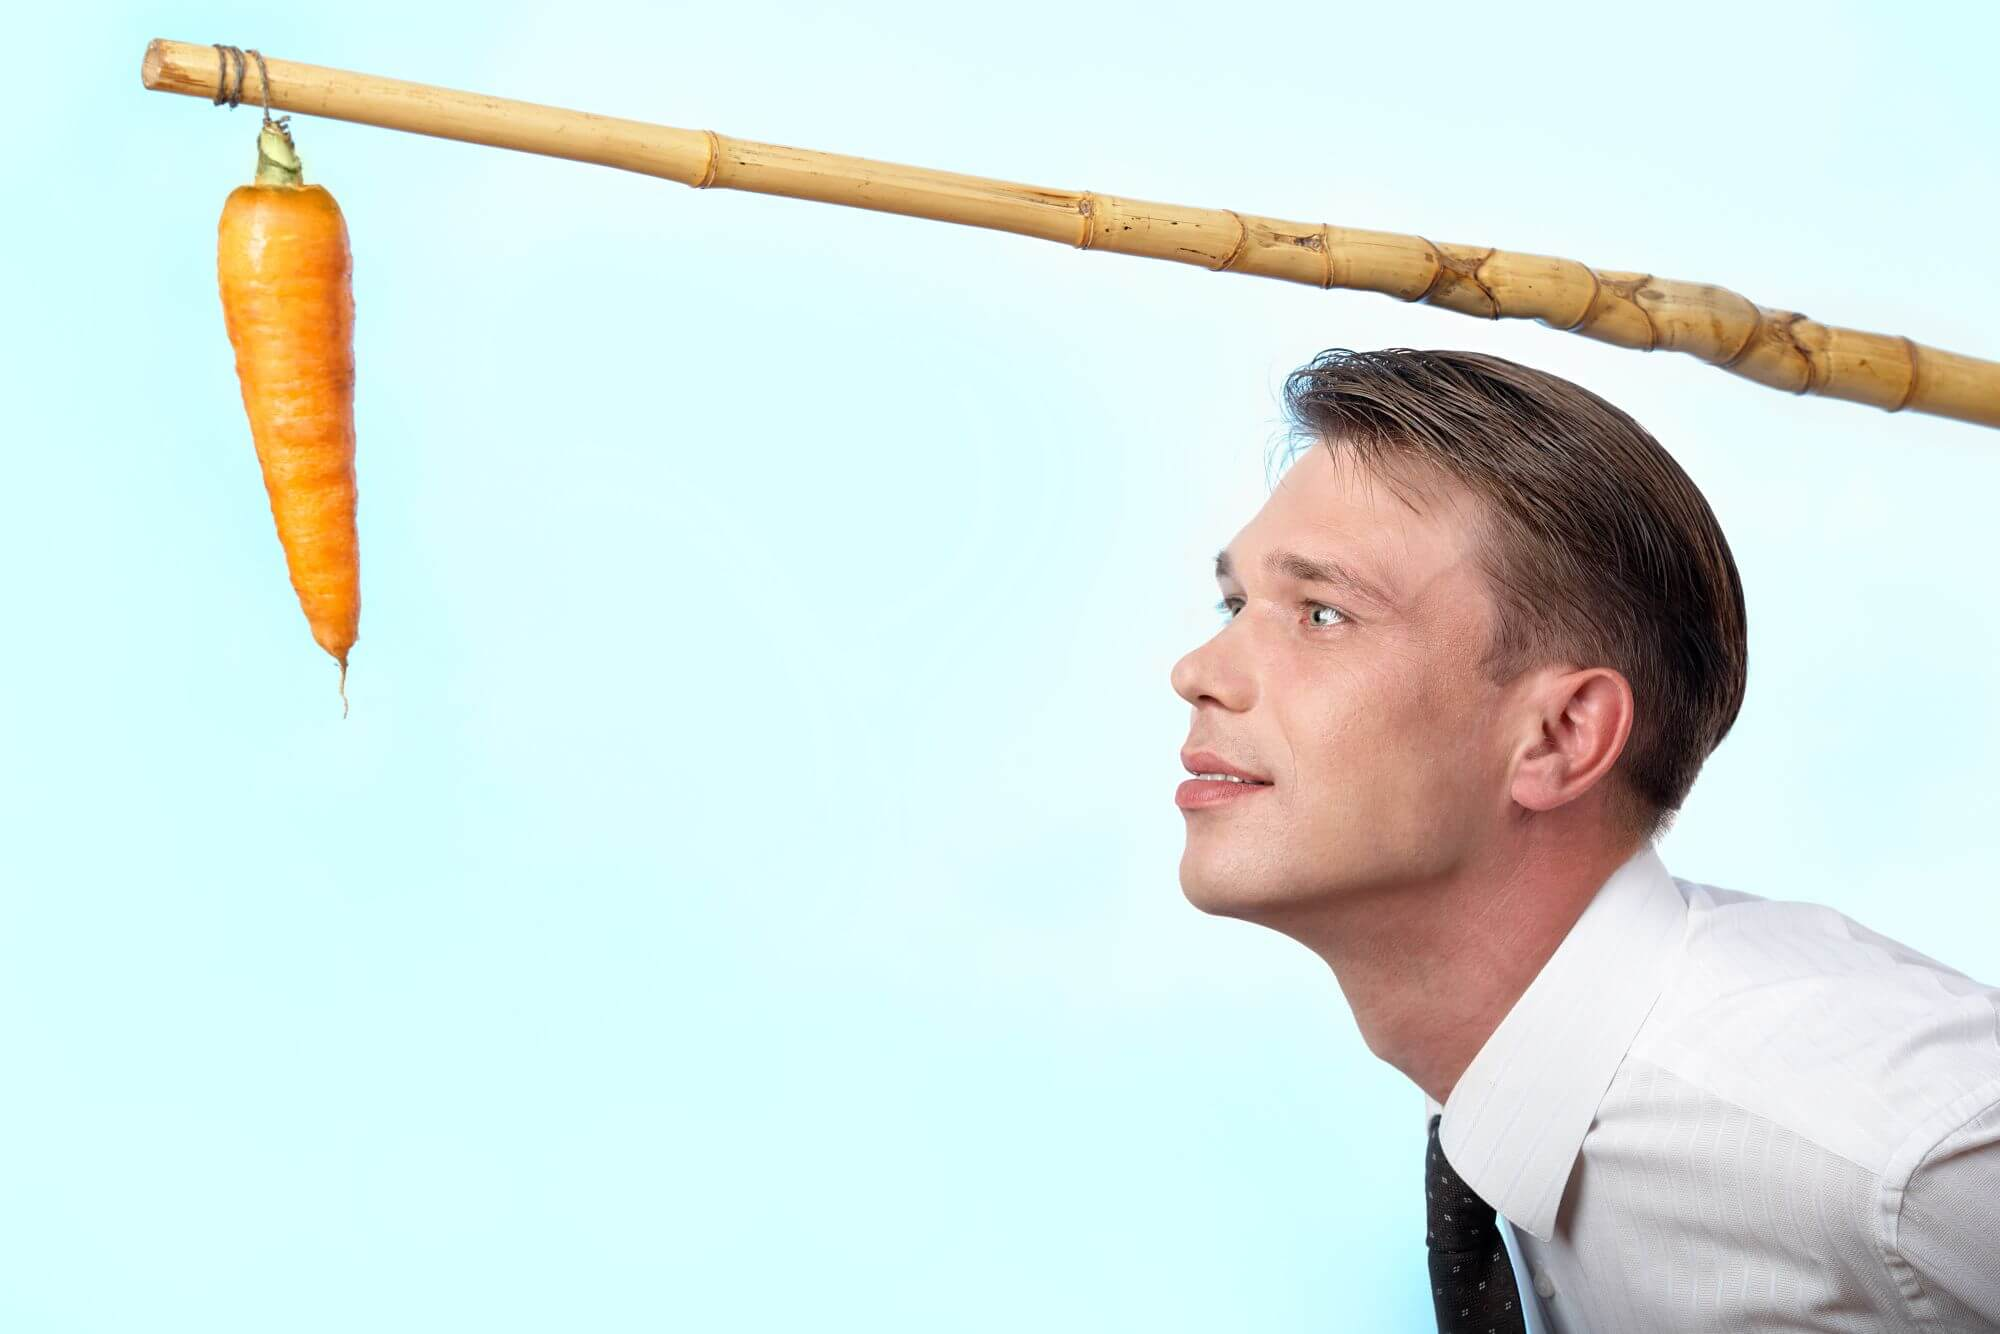 המקל או הגזר - ביקורת בונה בעידן גוגל לעסק שלי